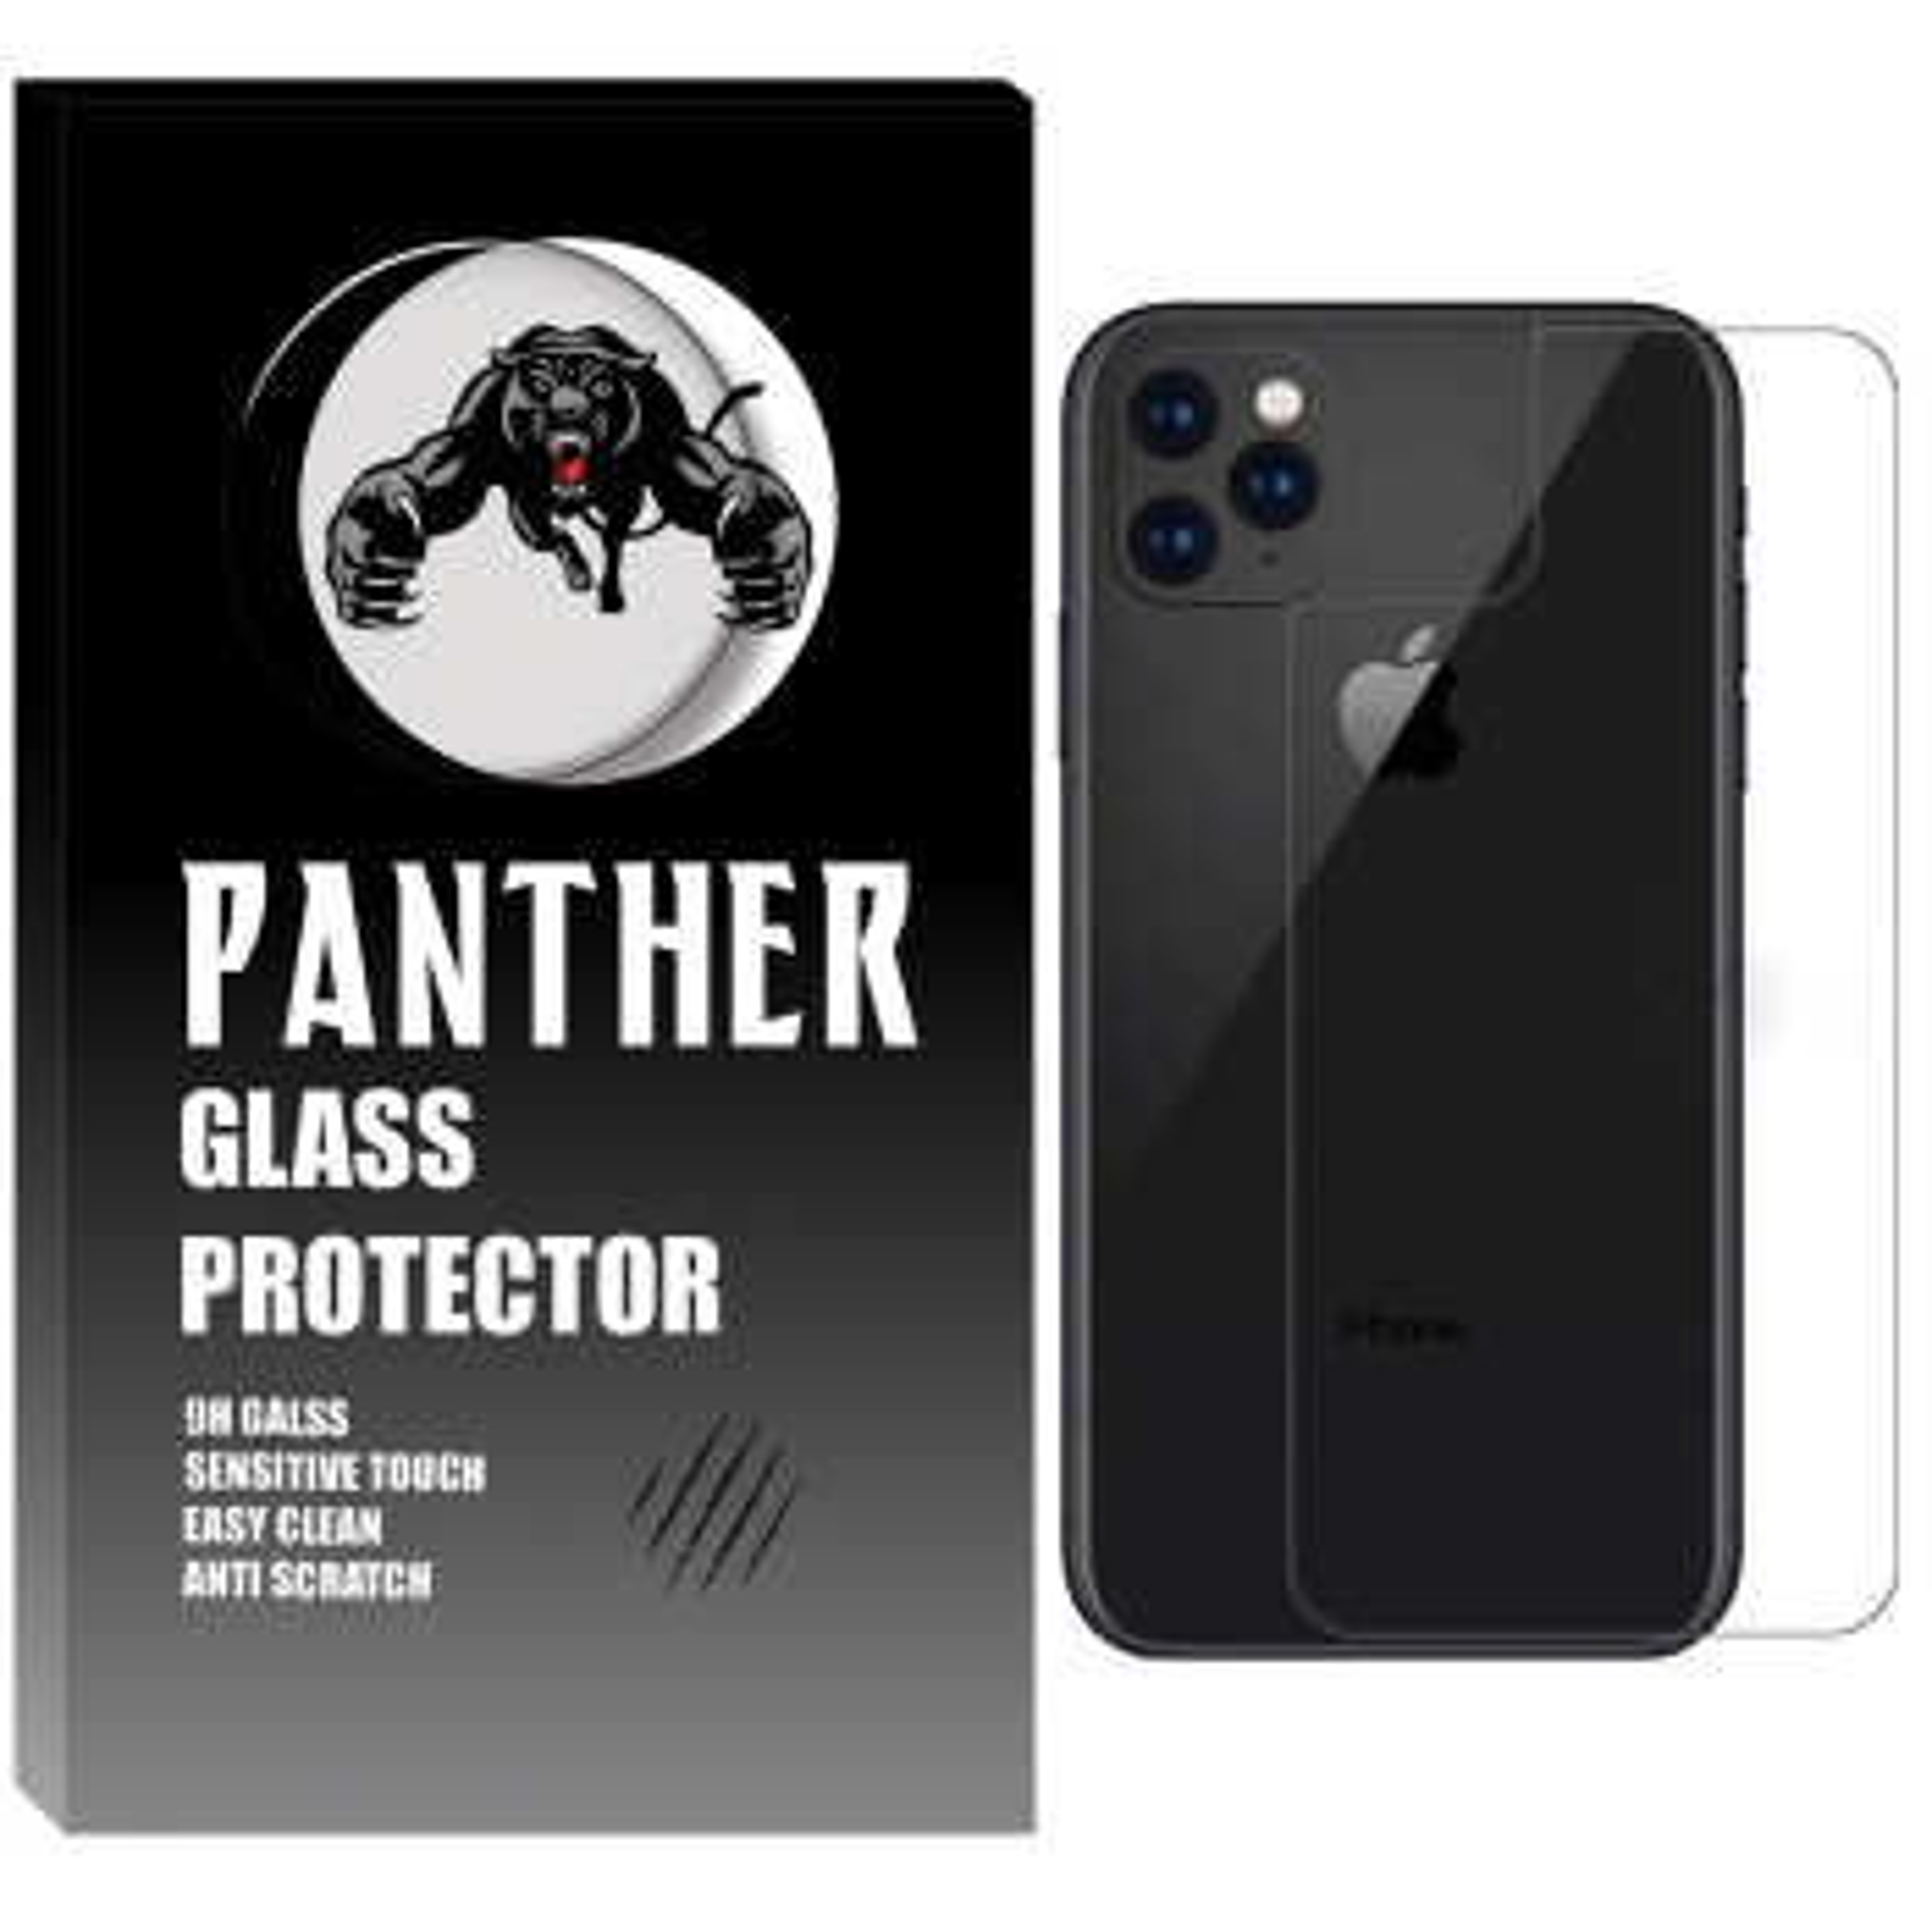 محافظ پشت گوشی پنتر مدل SDP-017 مناسب برای گوشی موبایل اپل iPhone 11 Pro